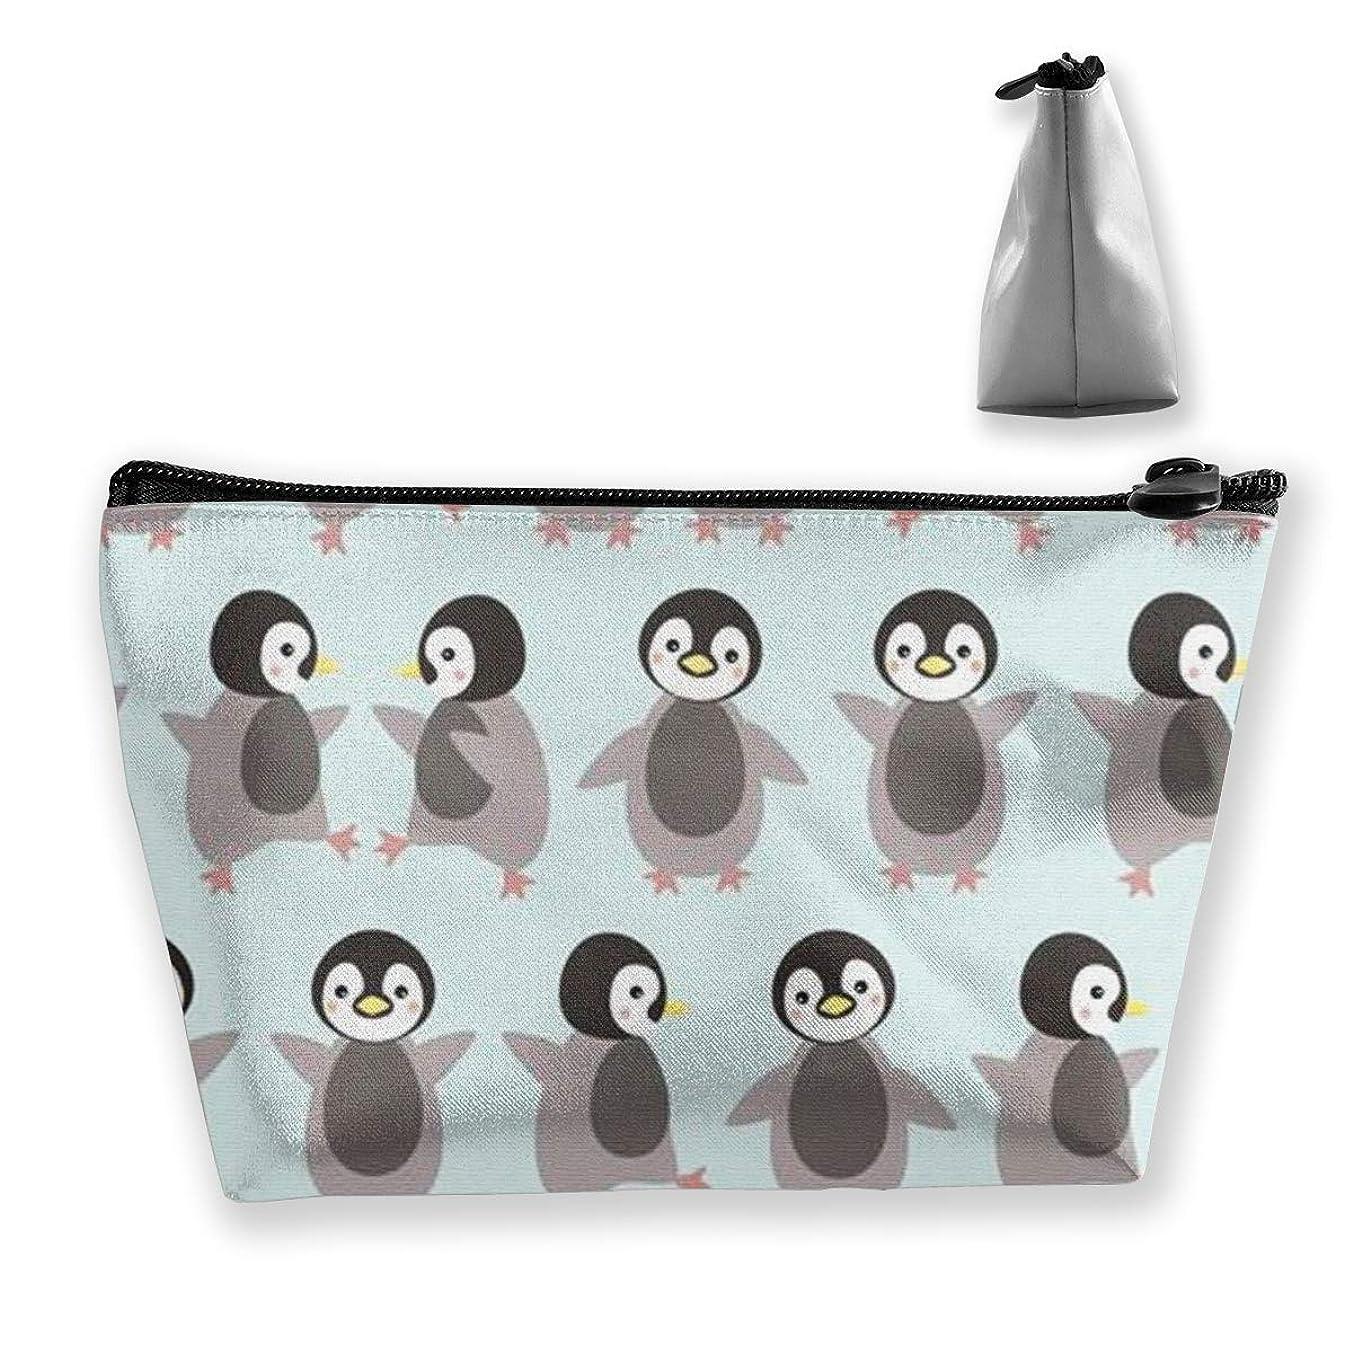 振り子サーカス回答かわいいペンギン 化粧ポーチ メイクポーチ ミニ 財布 機能的 大容量 ポータブル 収納 小物入れ 普段使い 出張 旅行 ビーチサイド旅行